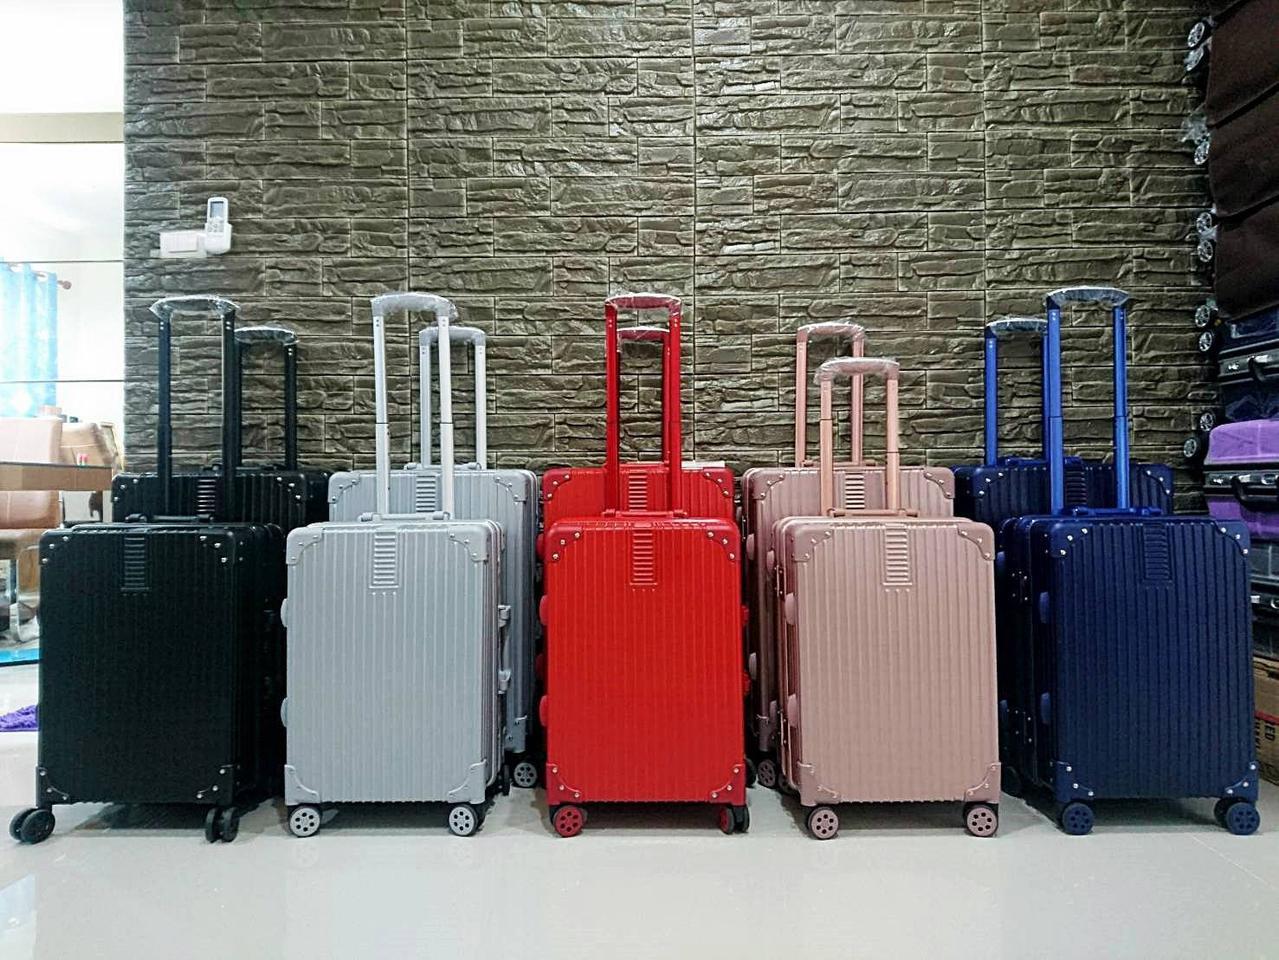 กระเป๋าเดินทาง ขอบอลูมิเนียม รุ่น คัลเลอร์ฟูล รูปที่ 1